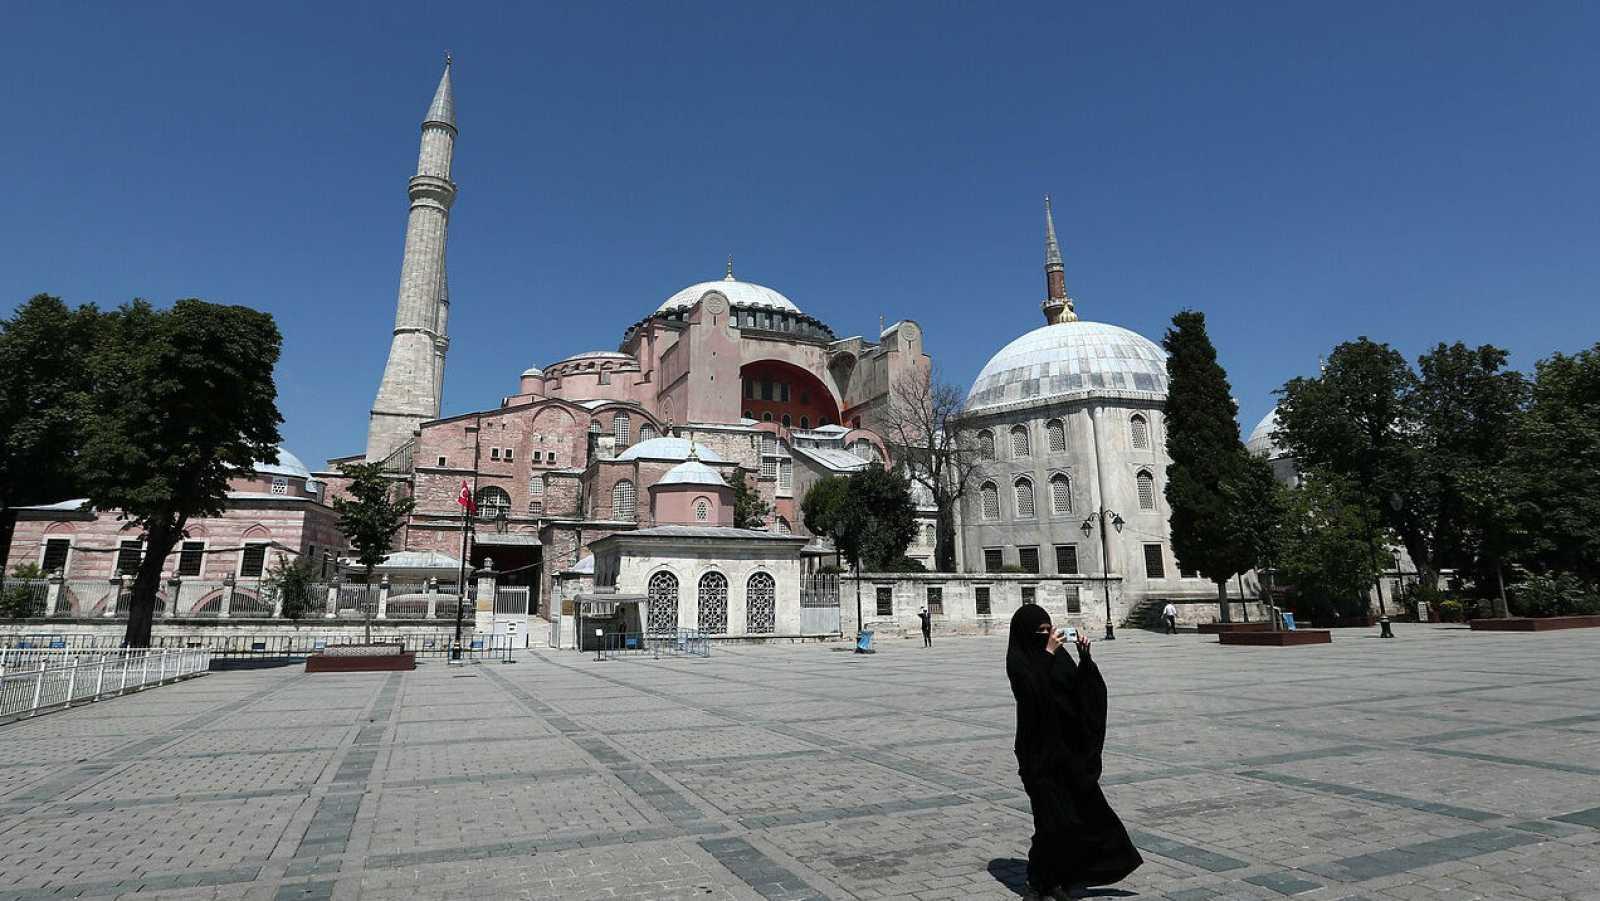 Una mujer vestida con un hiyab toma fotografías frente el Museo de Santa Sofía en Estambul.